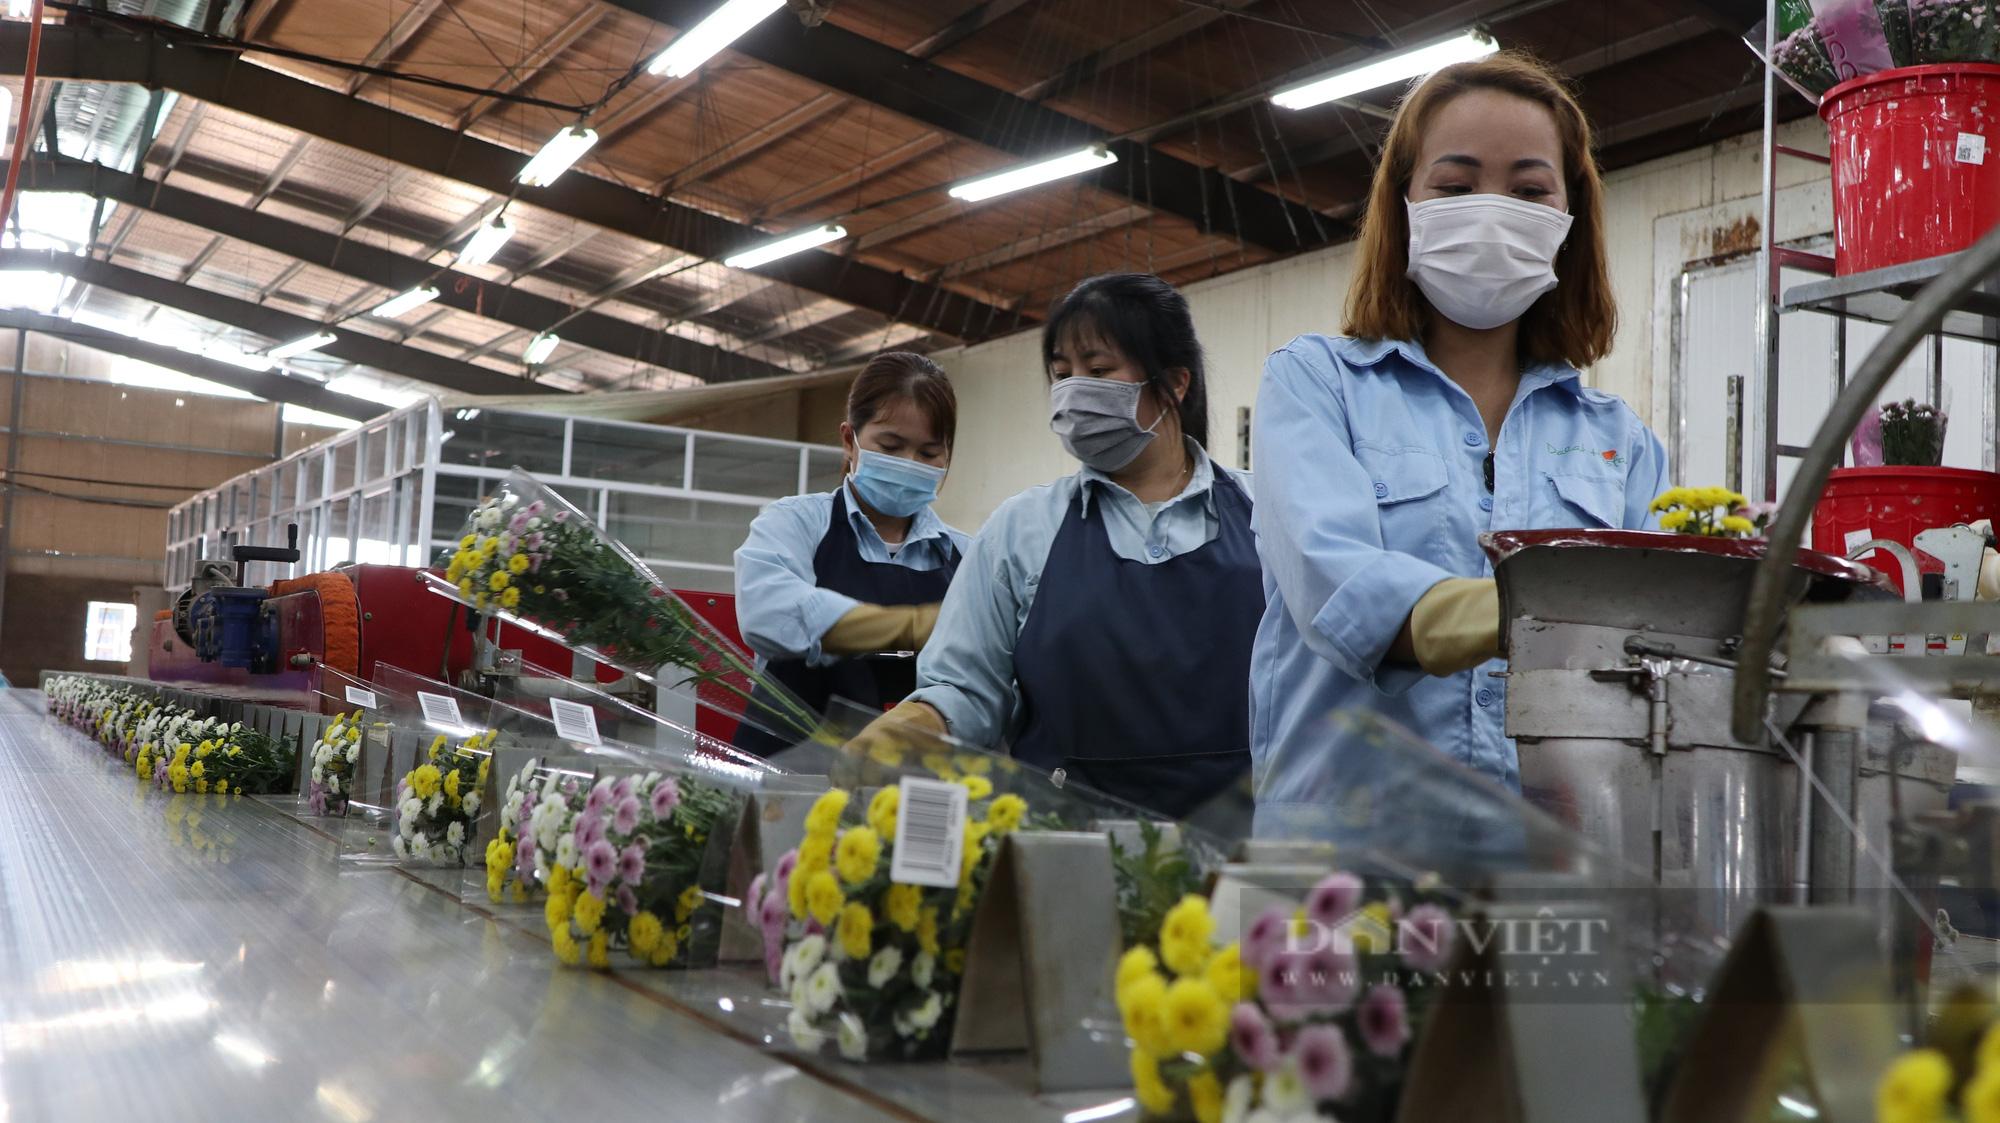 """Doanh nghiệp và người dân """"khóc ròng"""" vì hàng trăm nghìn cành hoa xuất khẩu bị trả ngược - Ảnh 4."""